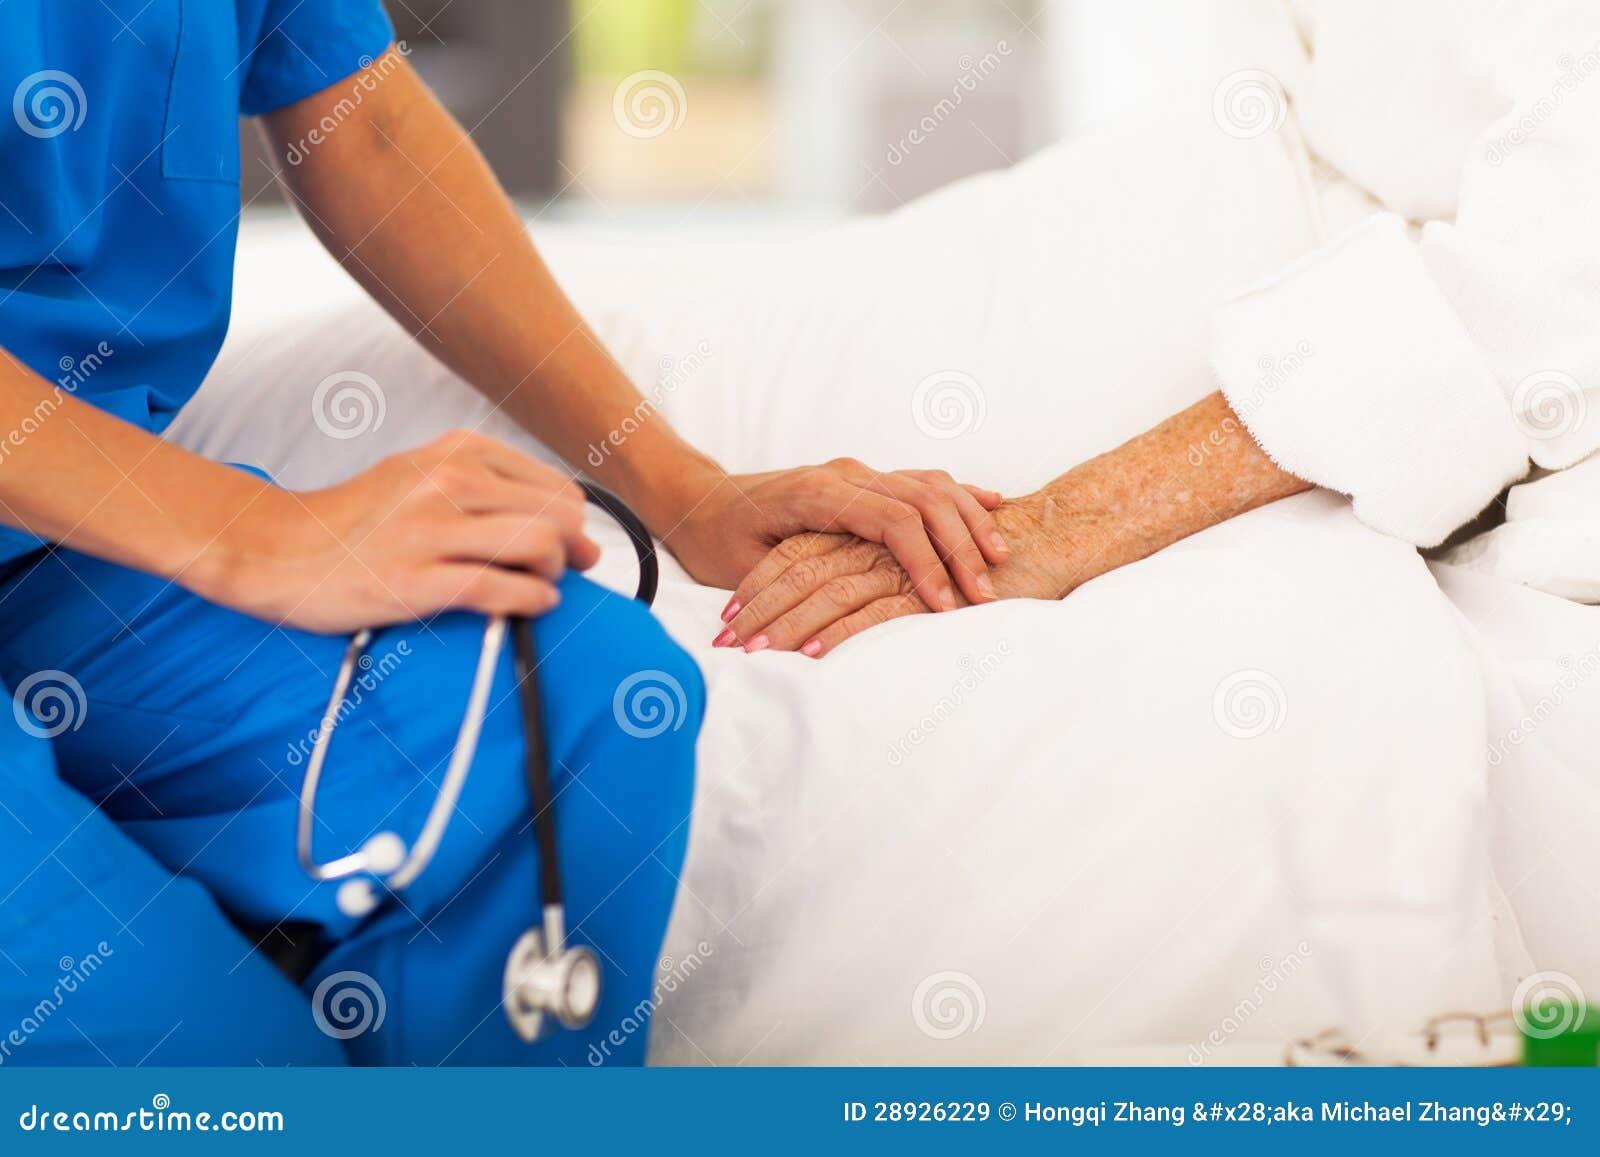 Medico che conforta paziente